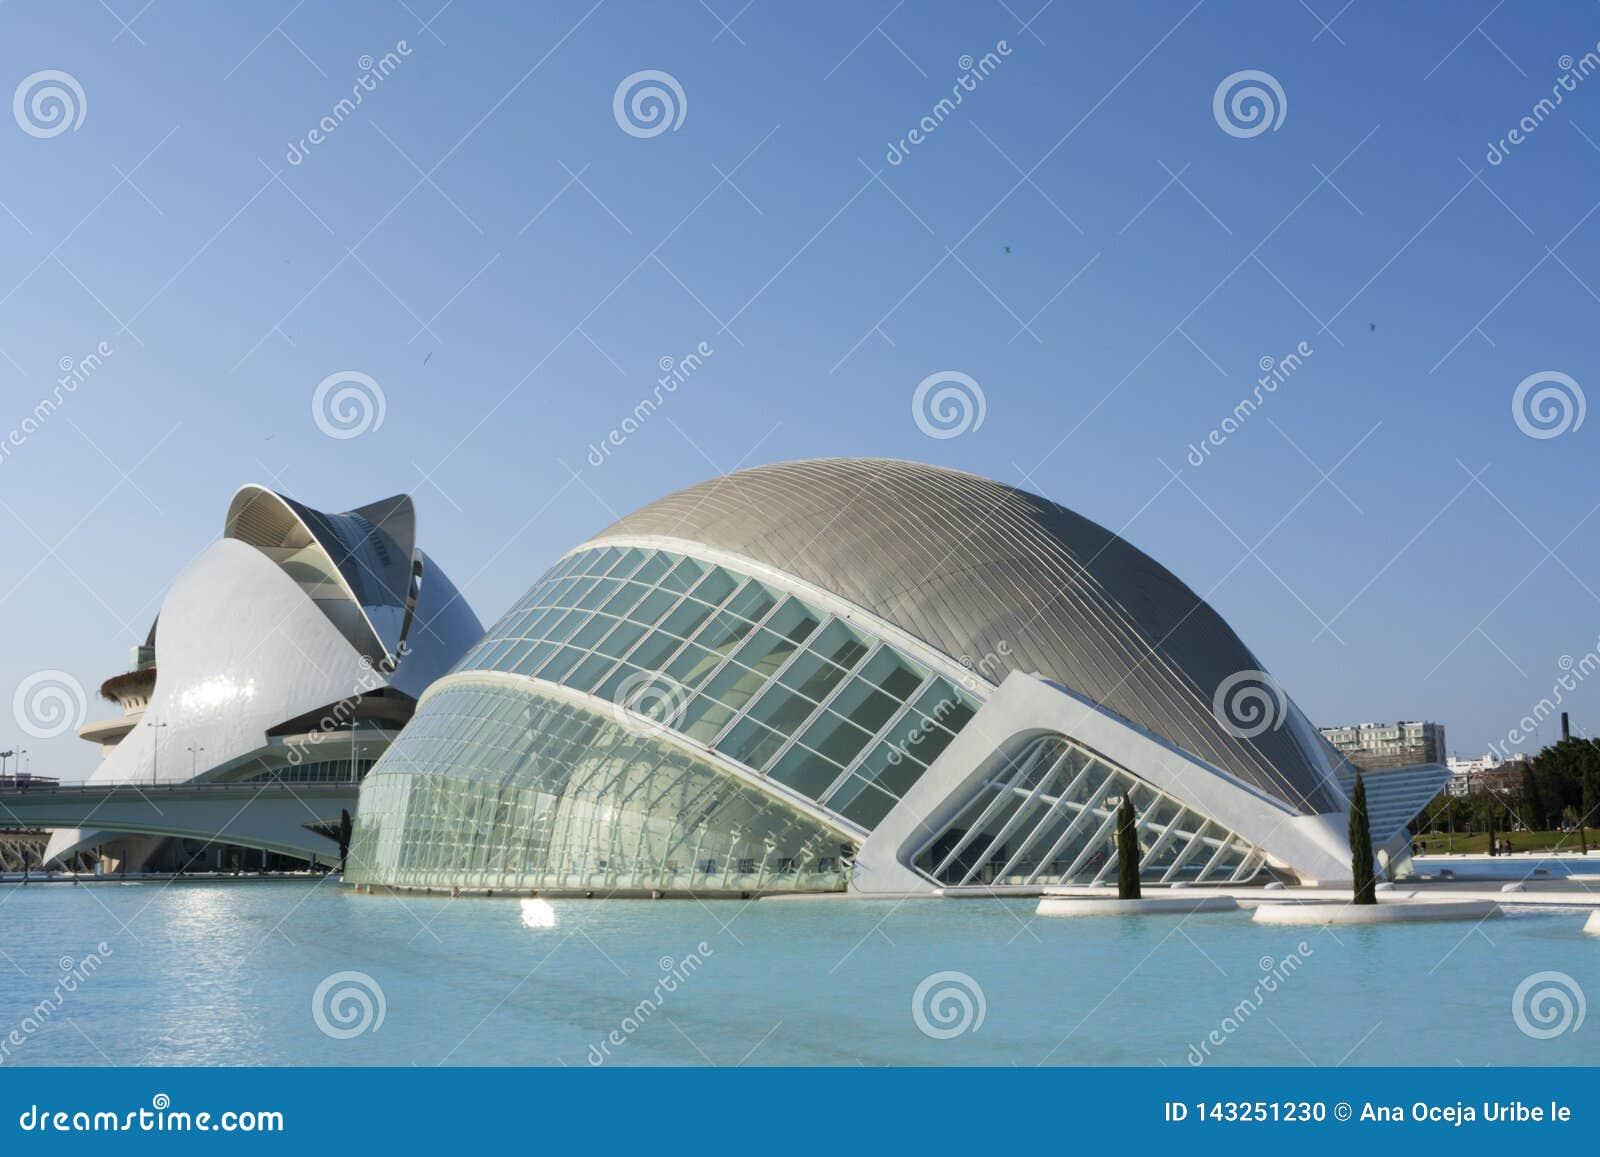 Bâtiments spectaculaires dans la ville des arts et des sciences